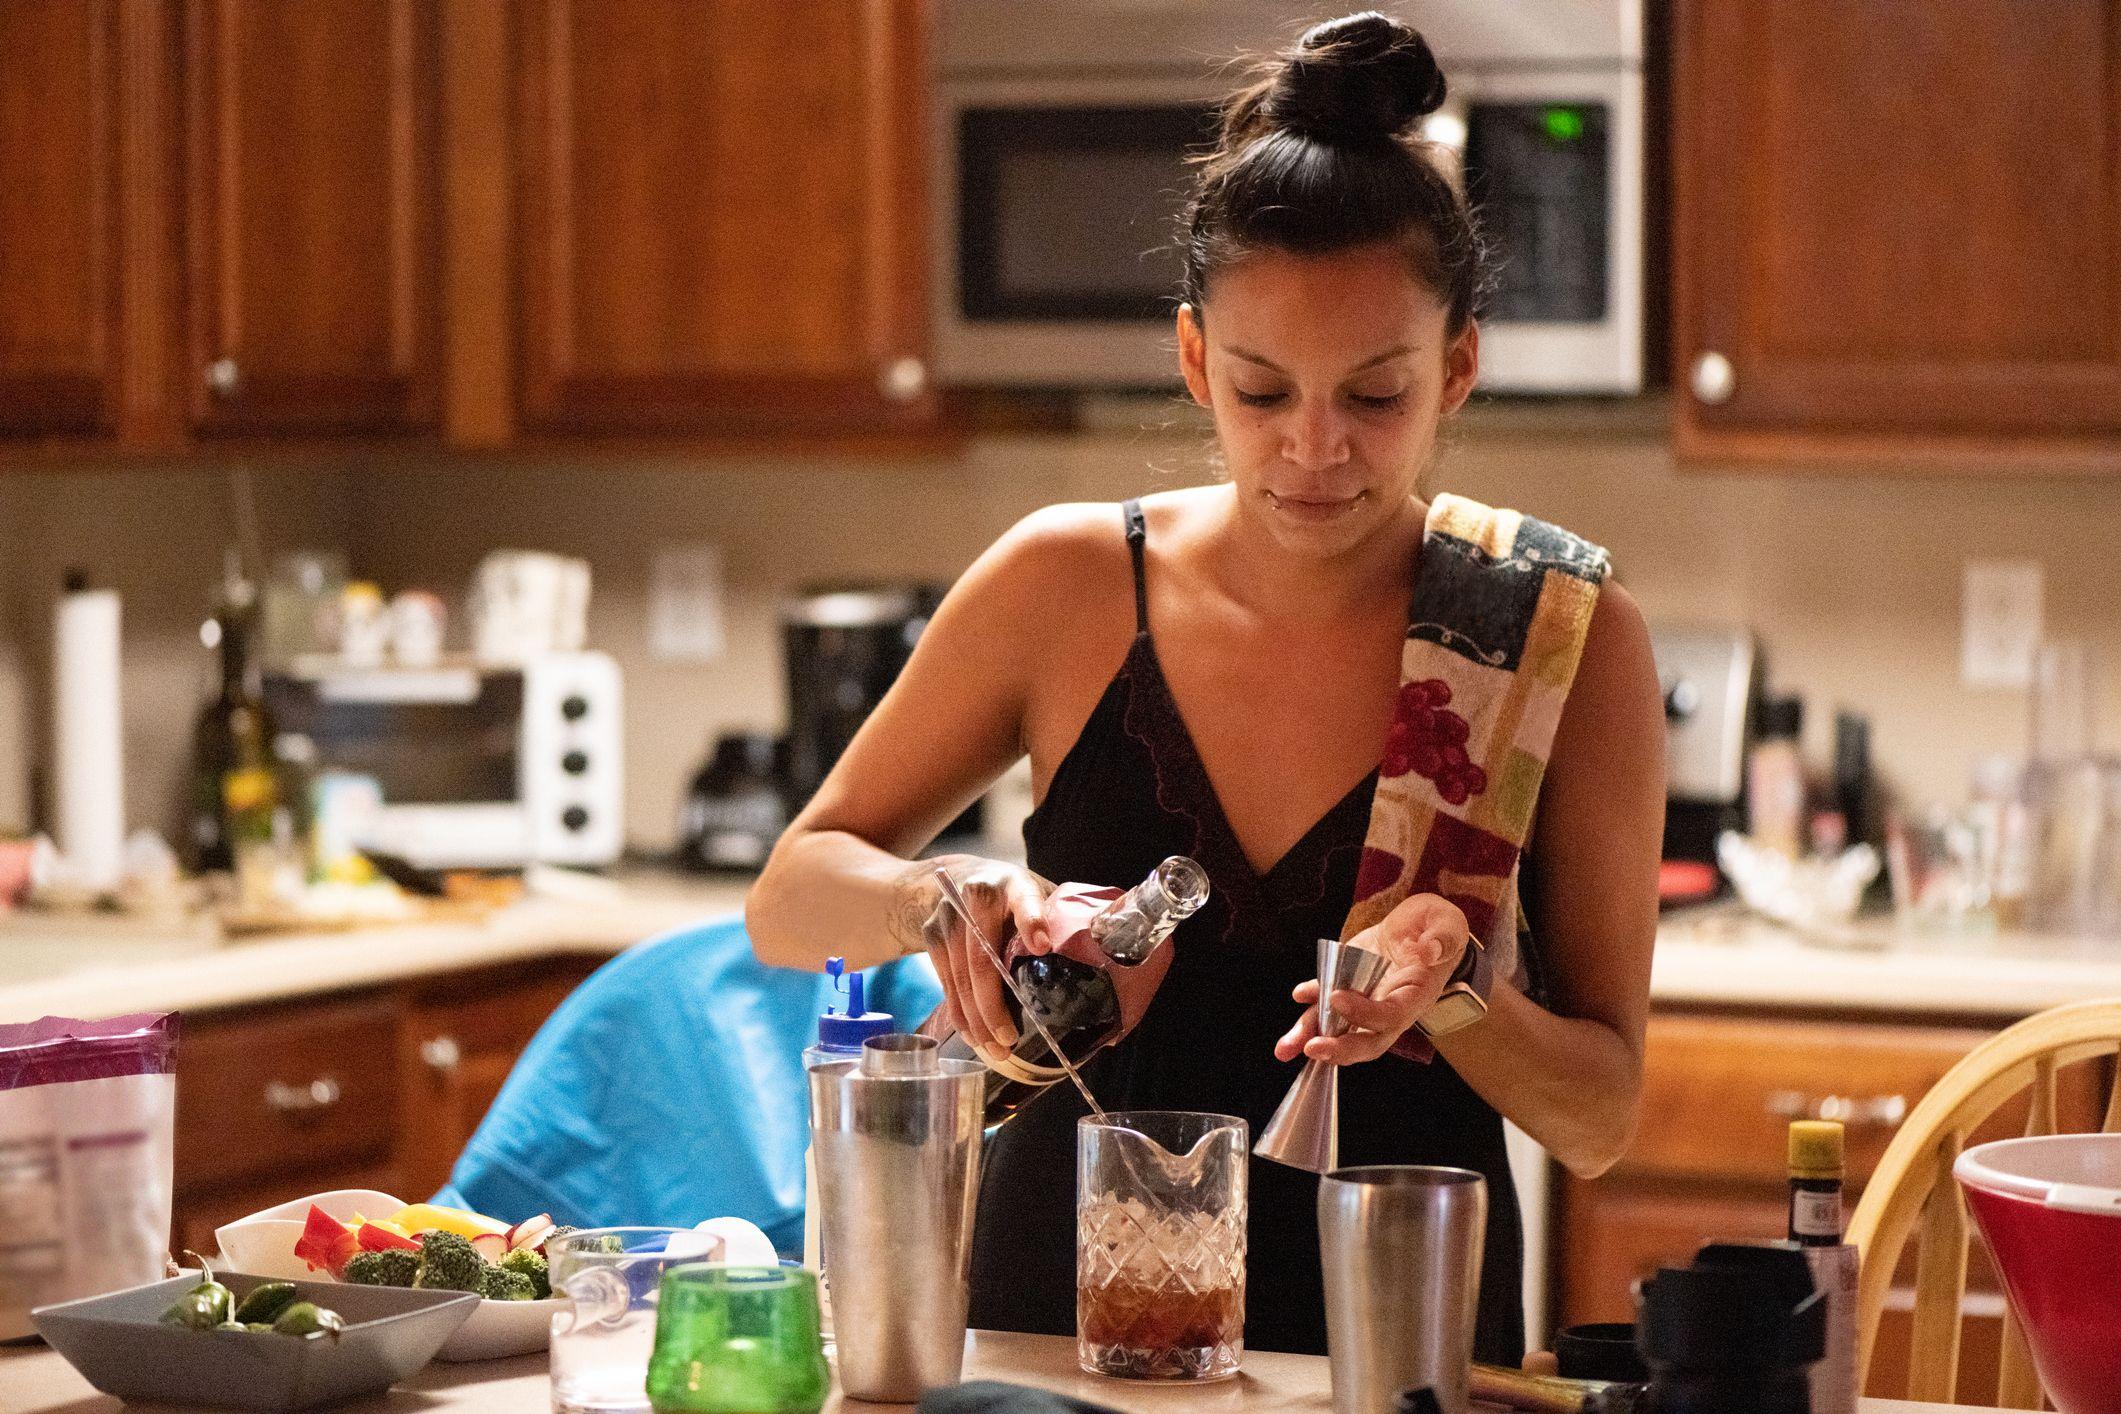 30χρονος Ισπανόφωνος γυναίκα μπάρμαν κάνοντας ποτά στο σπίτι στη Φλόριντα ΗΠΑ